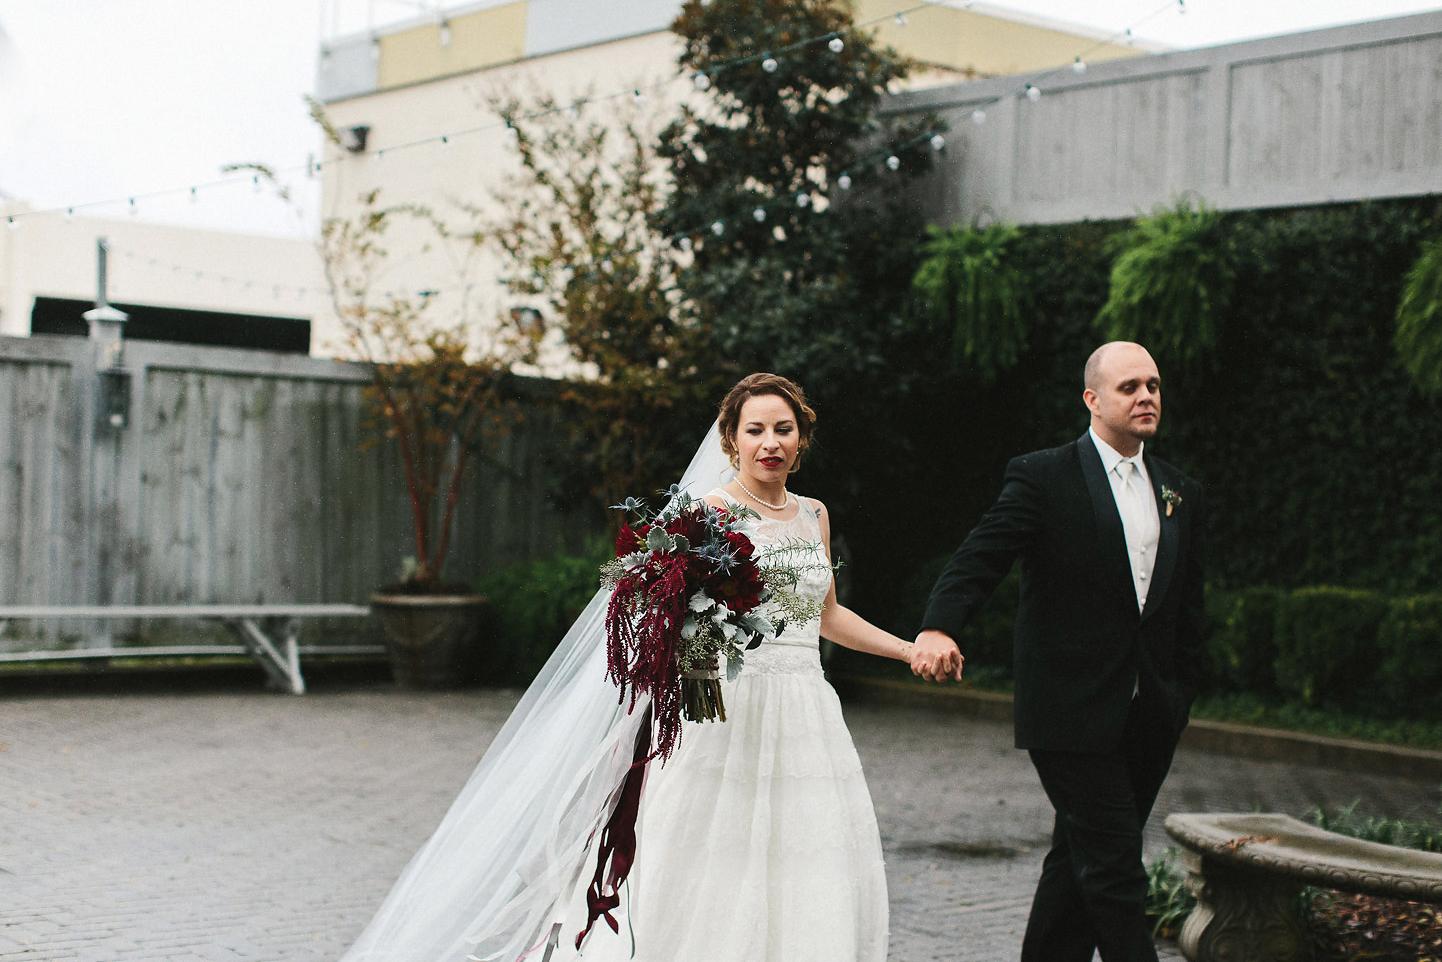 Someplace Wild Destination Wedding Photographer-577.jpg